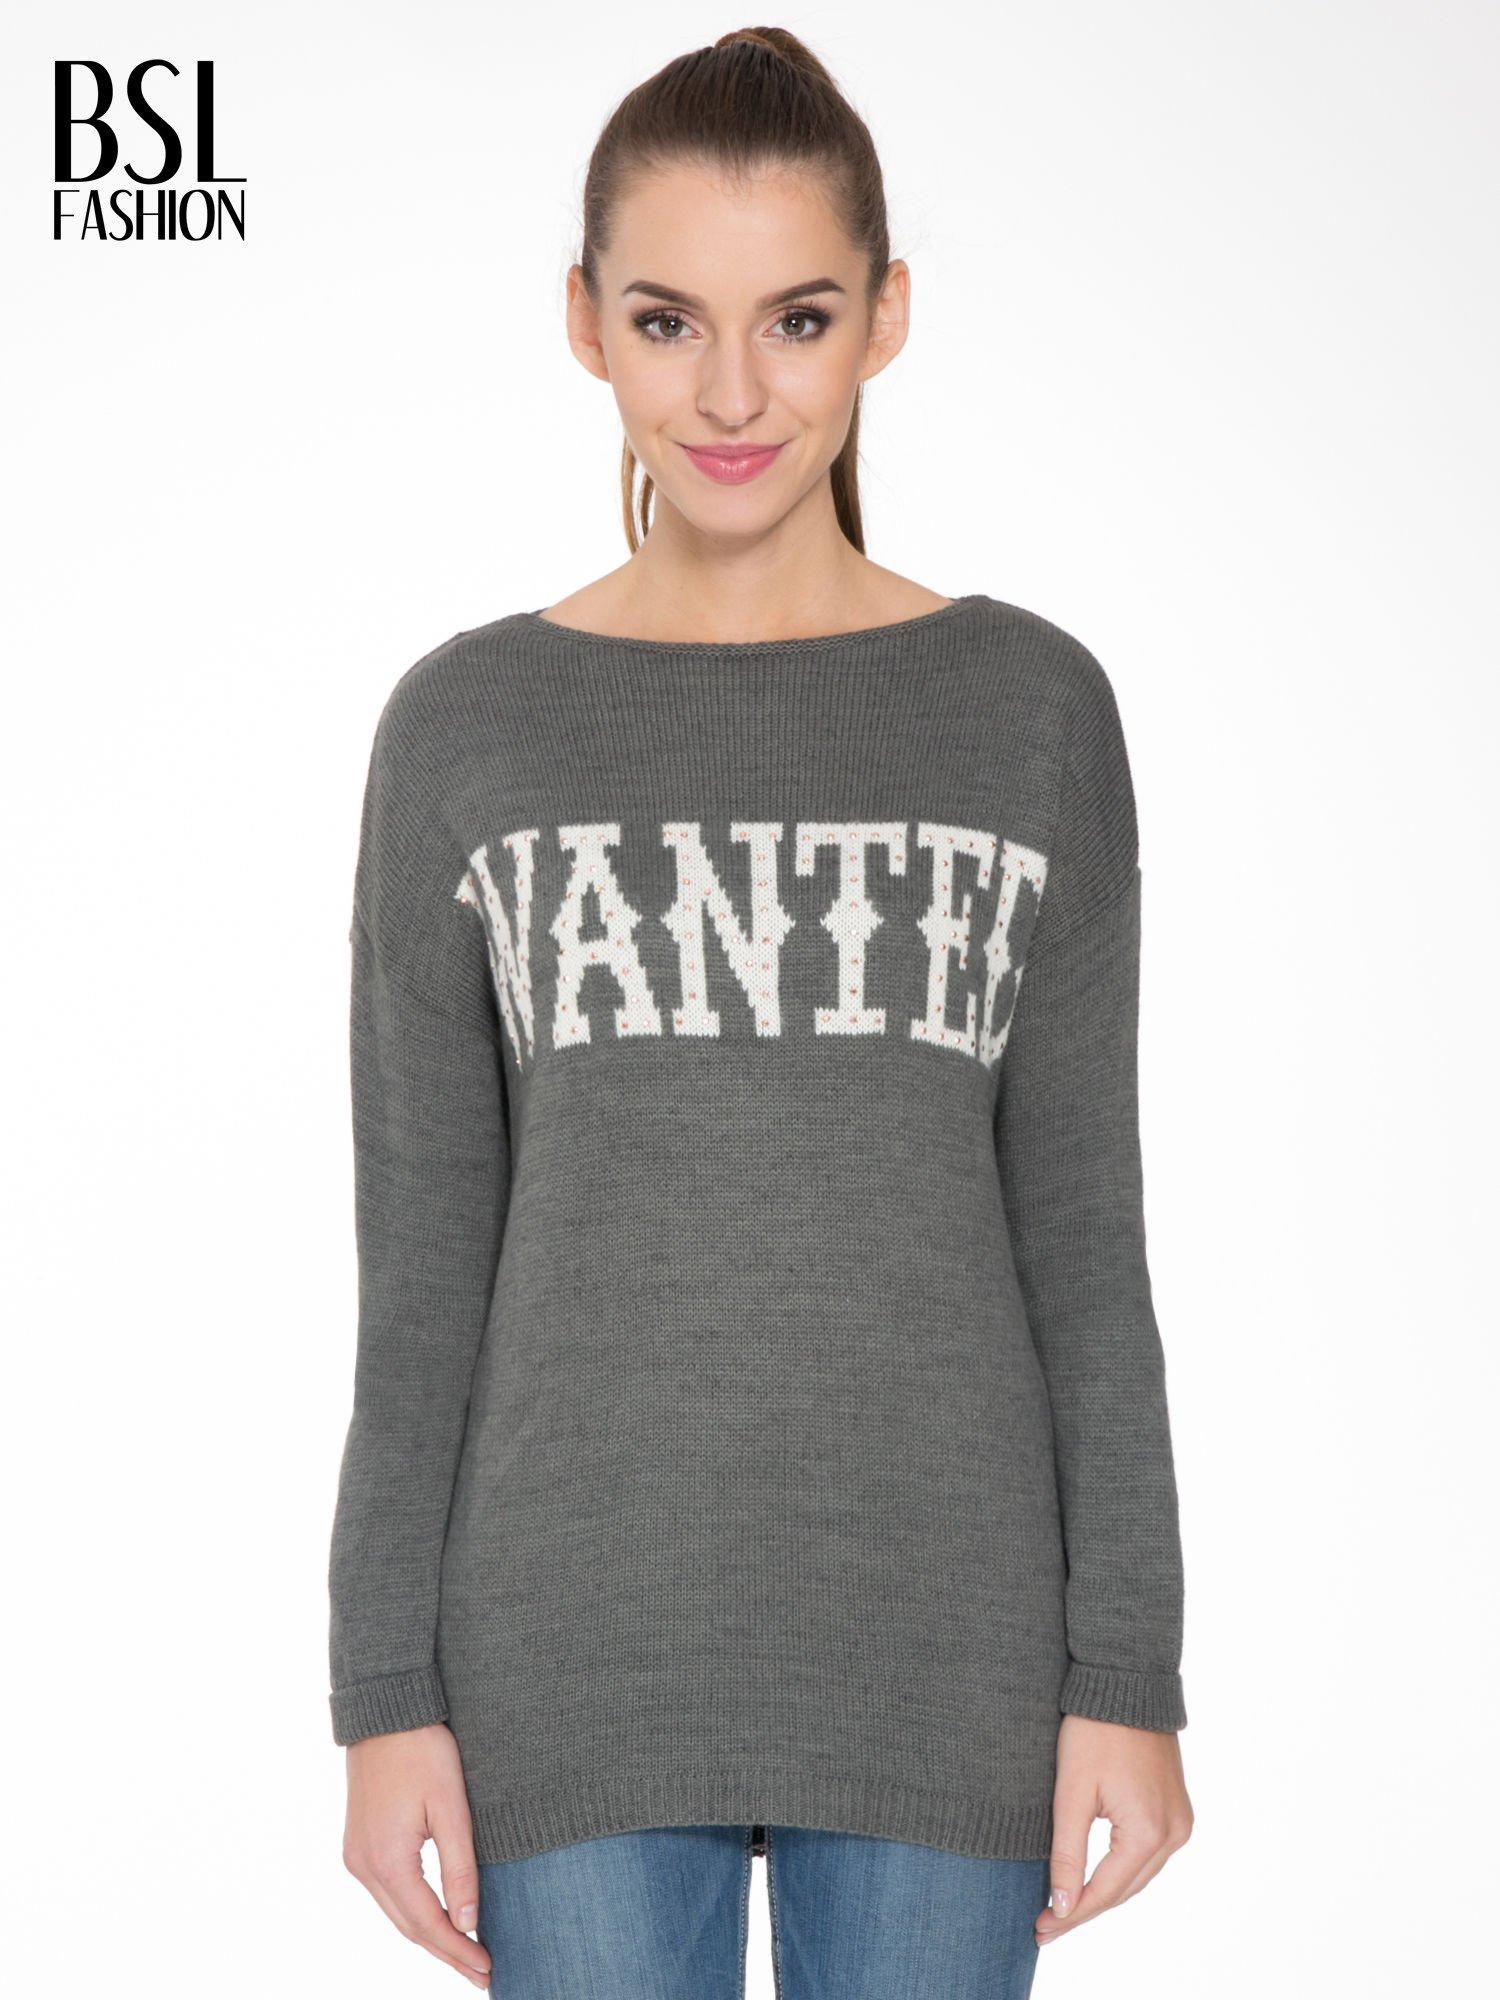 Szary sweter z nadrukiem WANTED i dżetami                                  zdj.                                  1